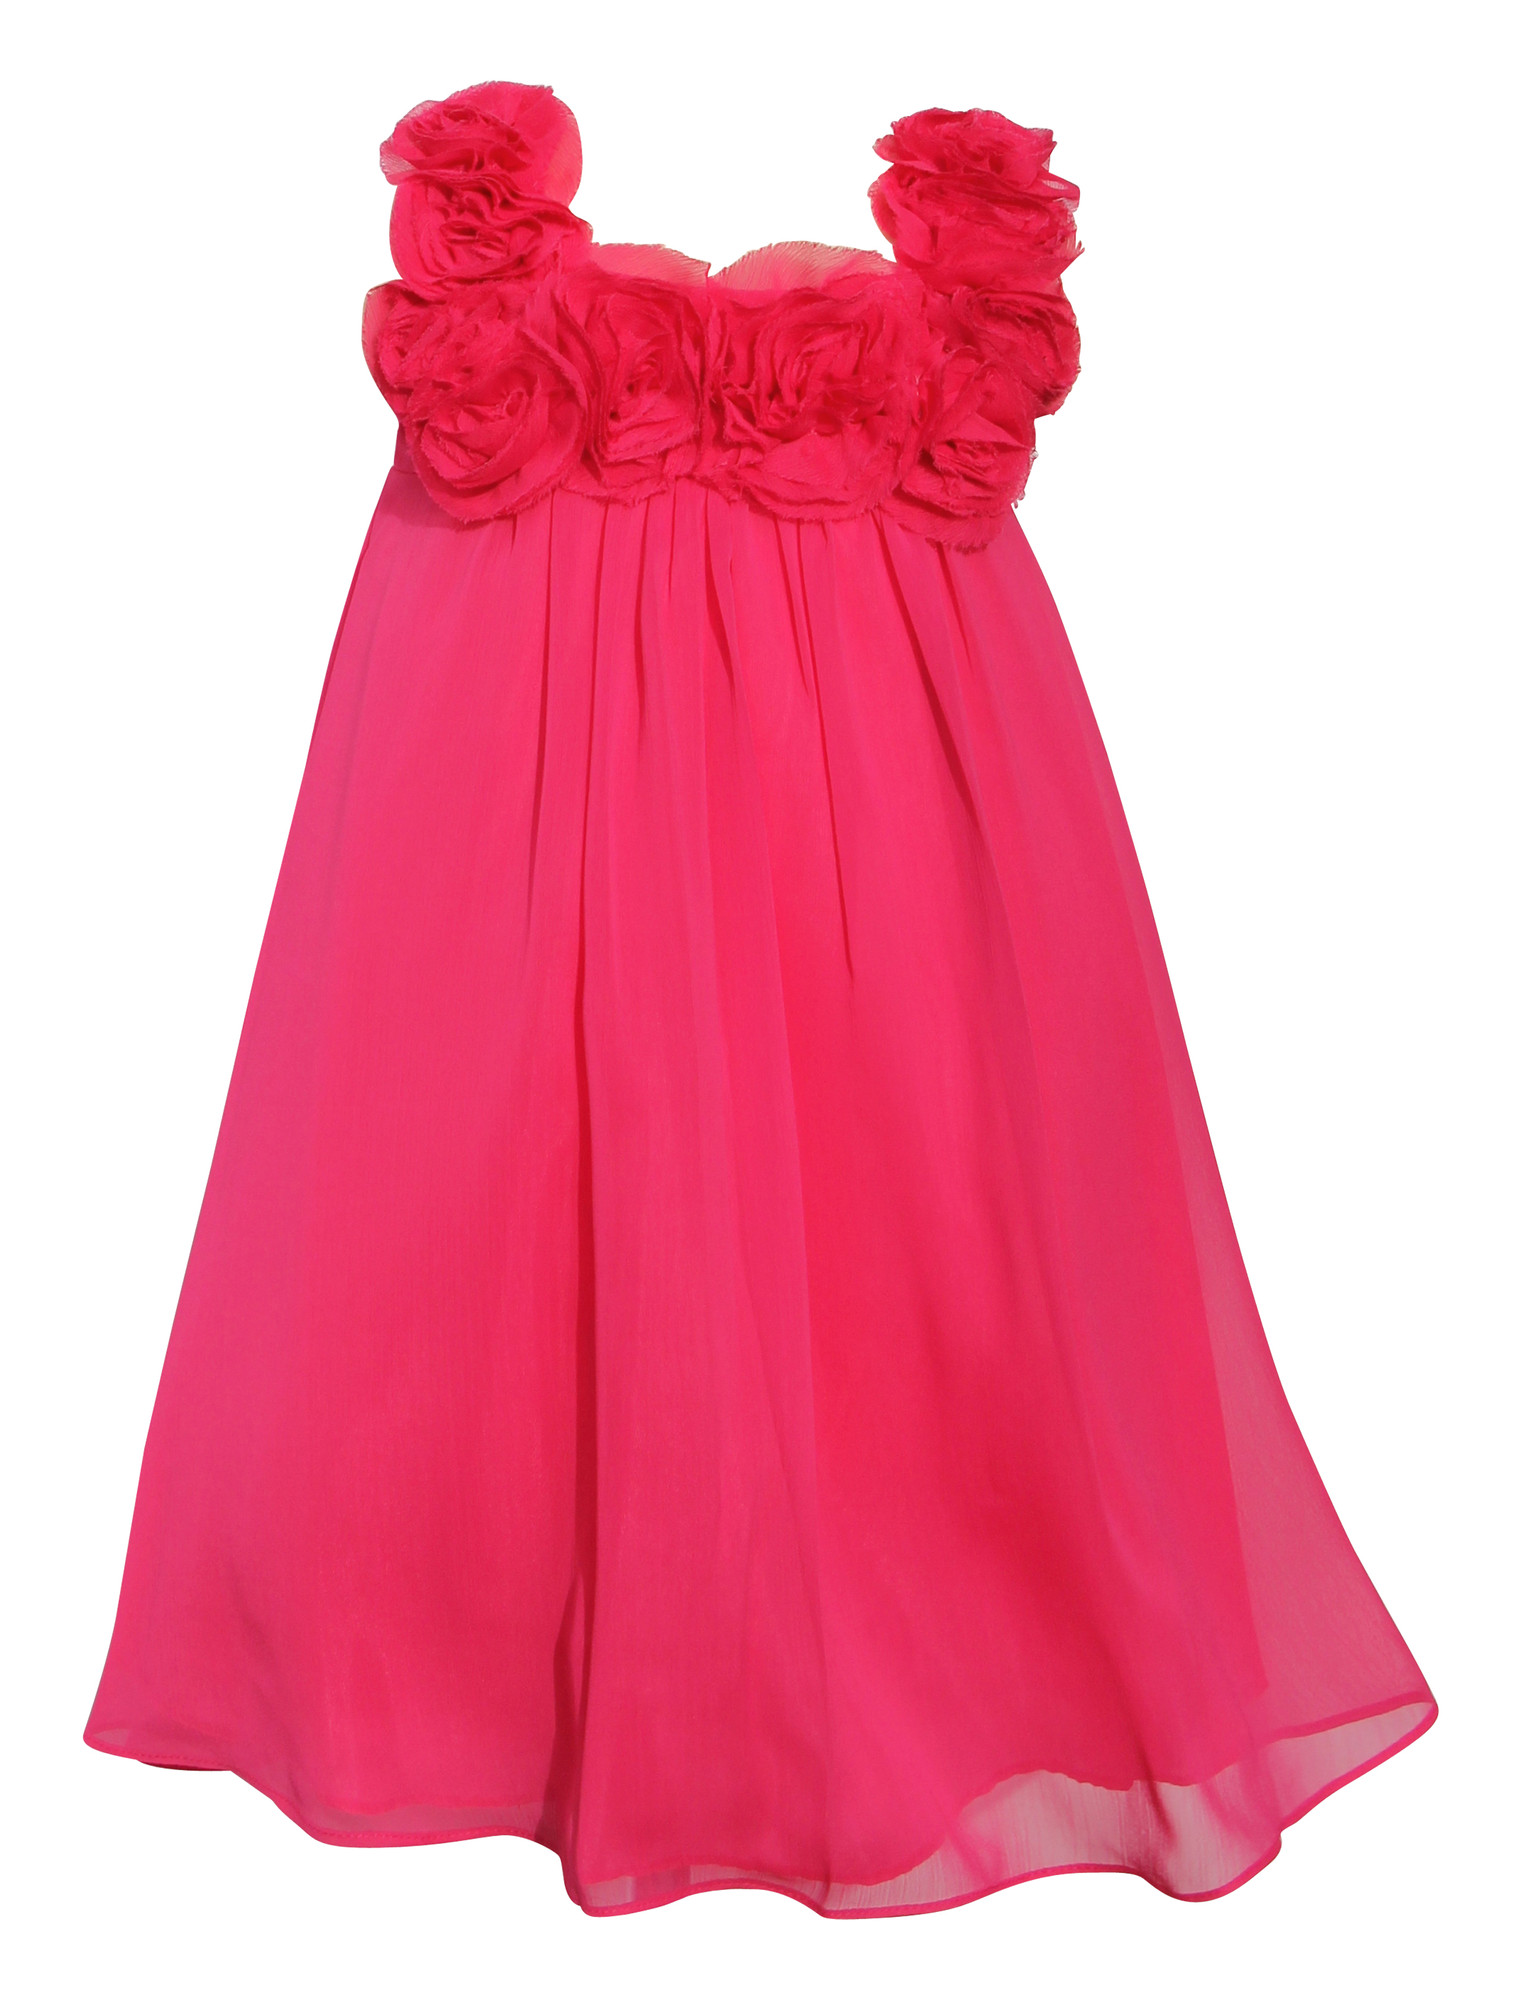 BIMARO Mädchen Kleid Leni pink rosa Festkleid edler Chiffon festlich ...